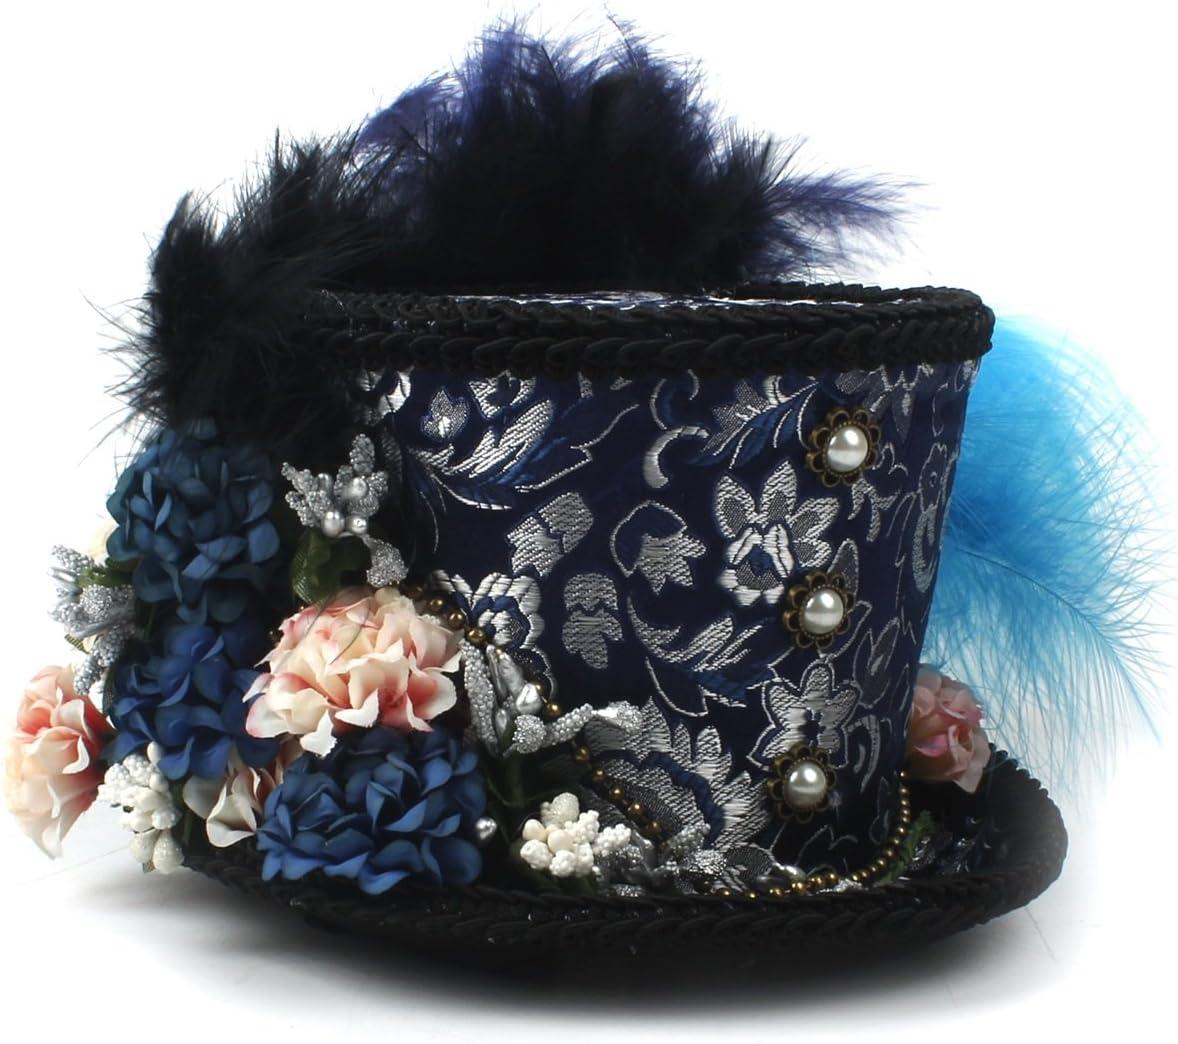 JiuRui Gorros y Sombreros Mini Sombrero de Copa, Turquesa y Sombrero Púrpura, Kentucky Derby Rainbow Hat, Royal Ascot, Sombrero de Carrera de Caballos, Sombrero de Paisley Tea Party, Sombrero de Sombr